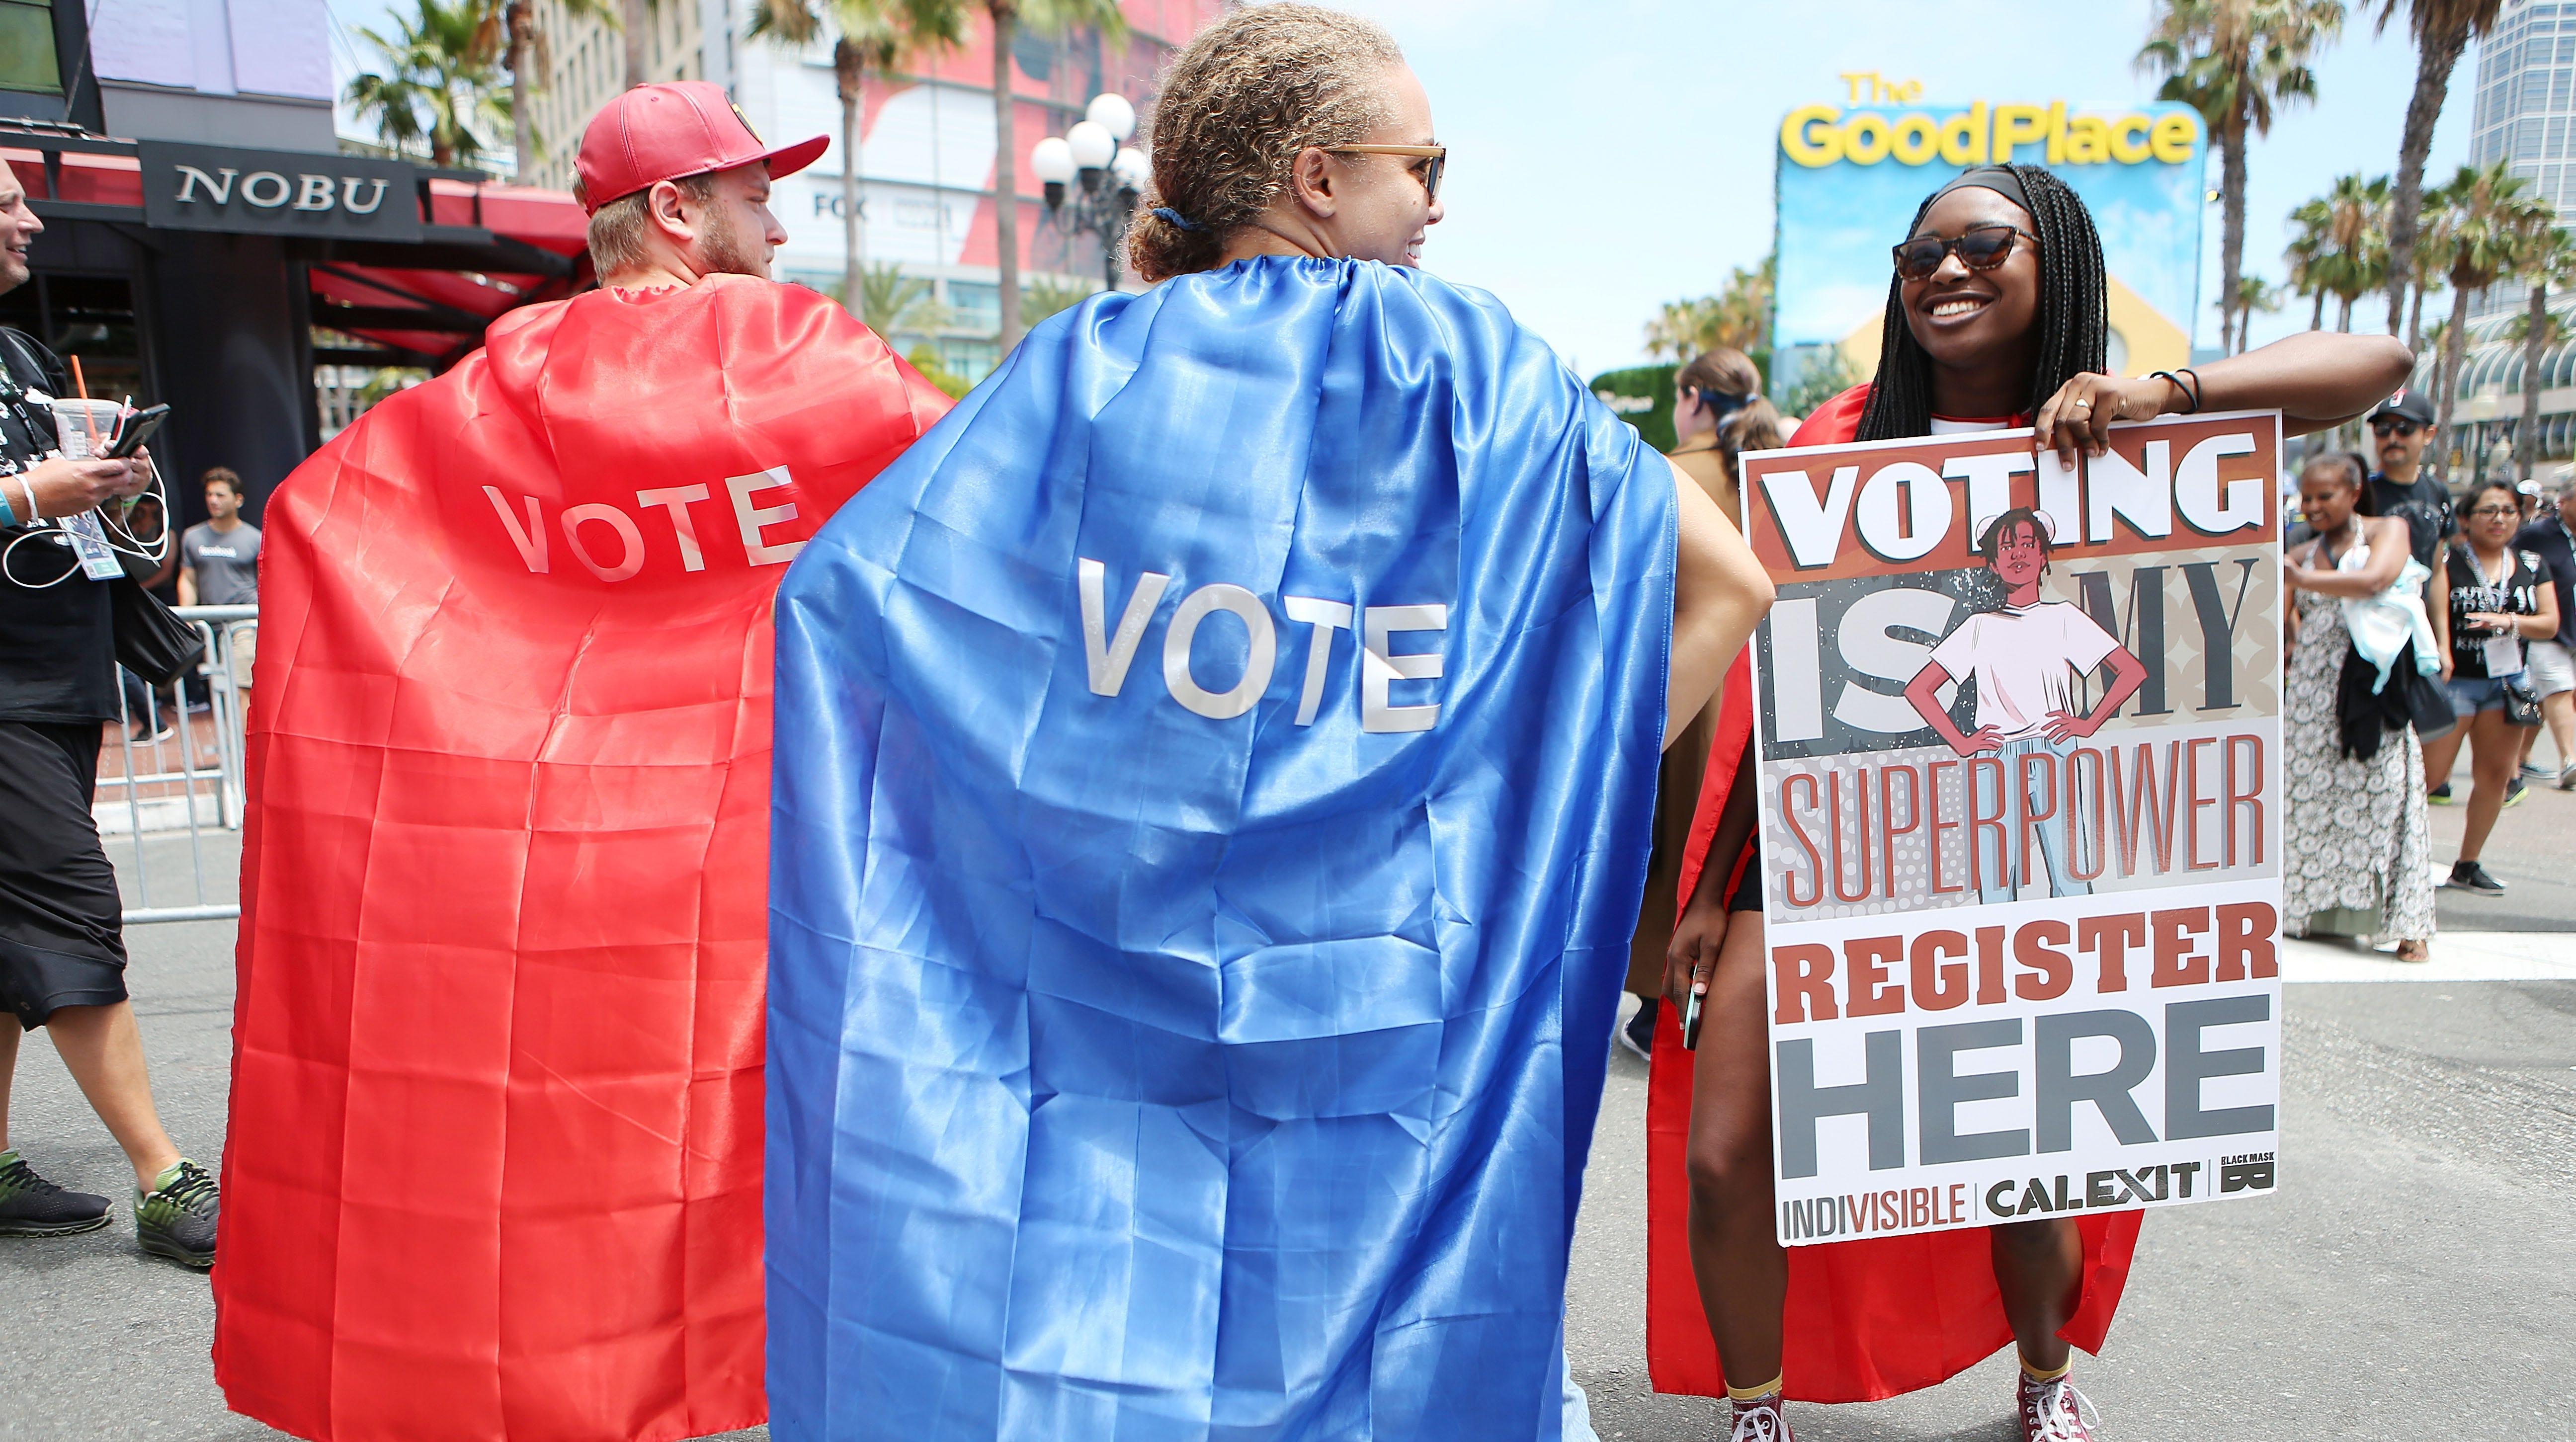 Registering voters in San Diego on July 20, 2018.